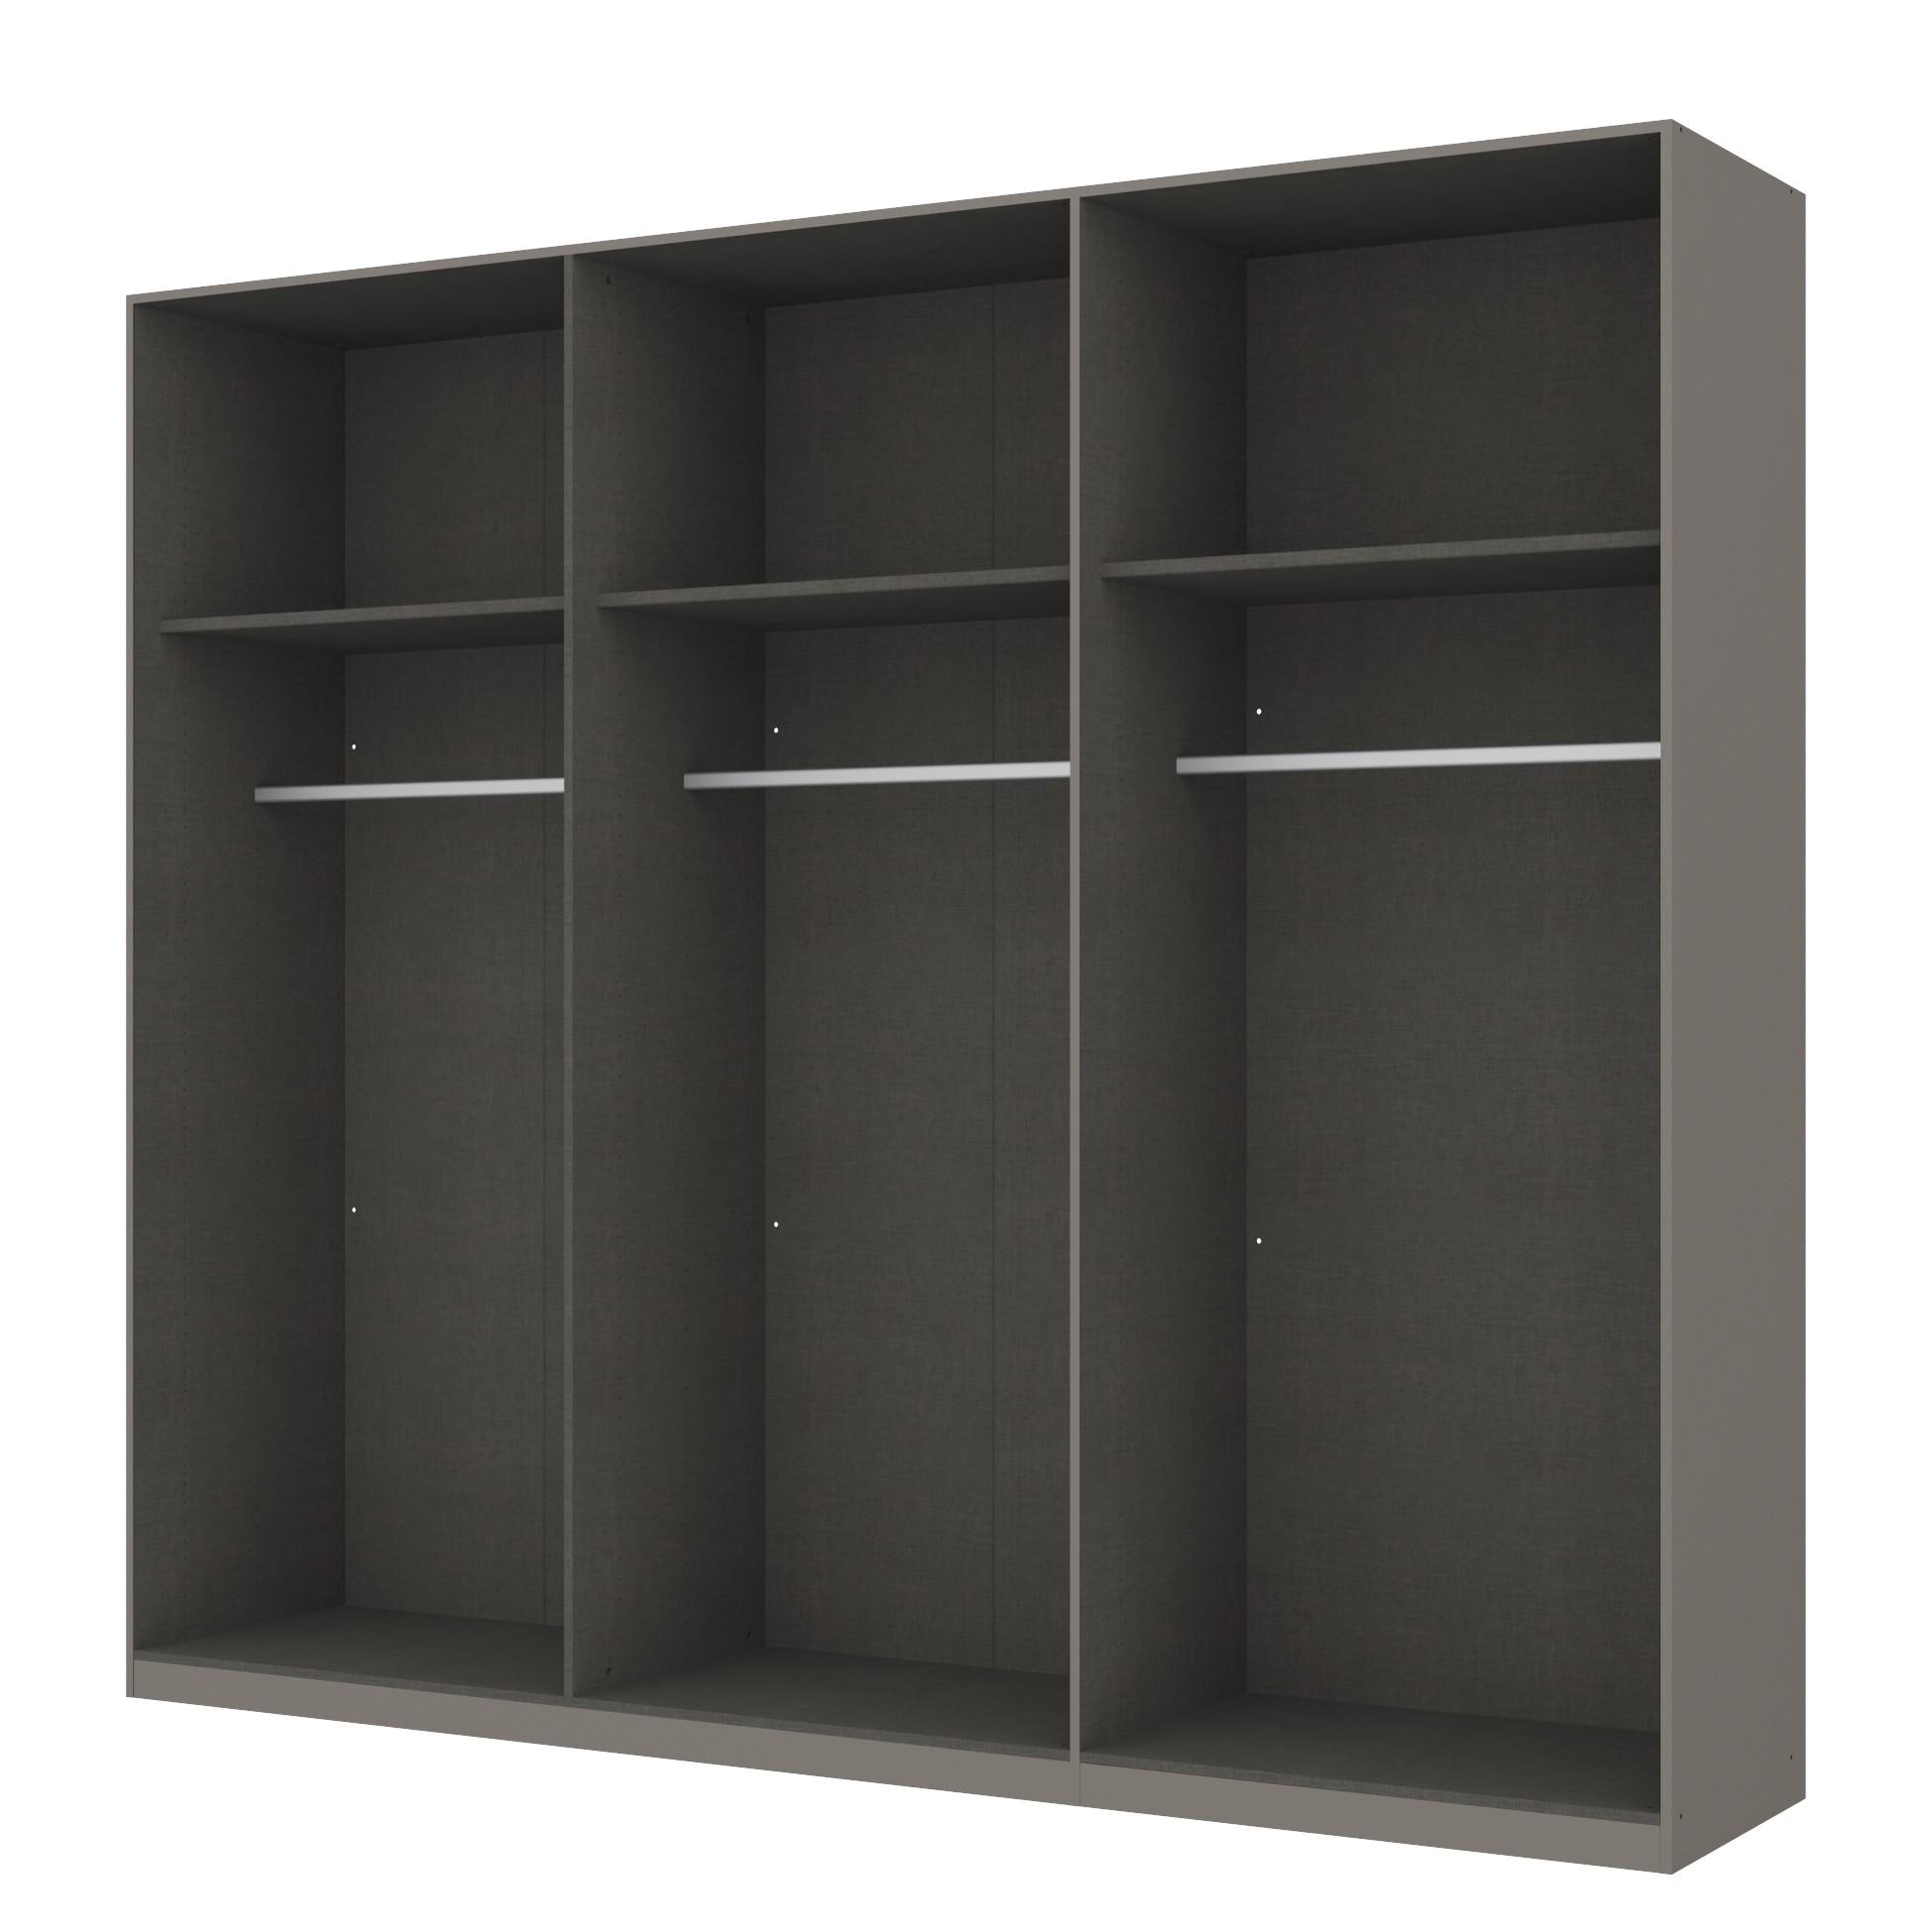 goedkoop Draaideurkast Skøp grafietkleurig open 270cm 6 deurs 236cm Comfort Skop